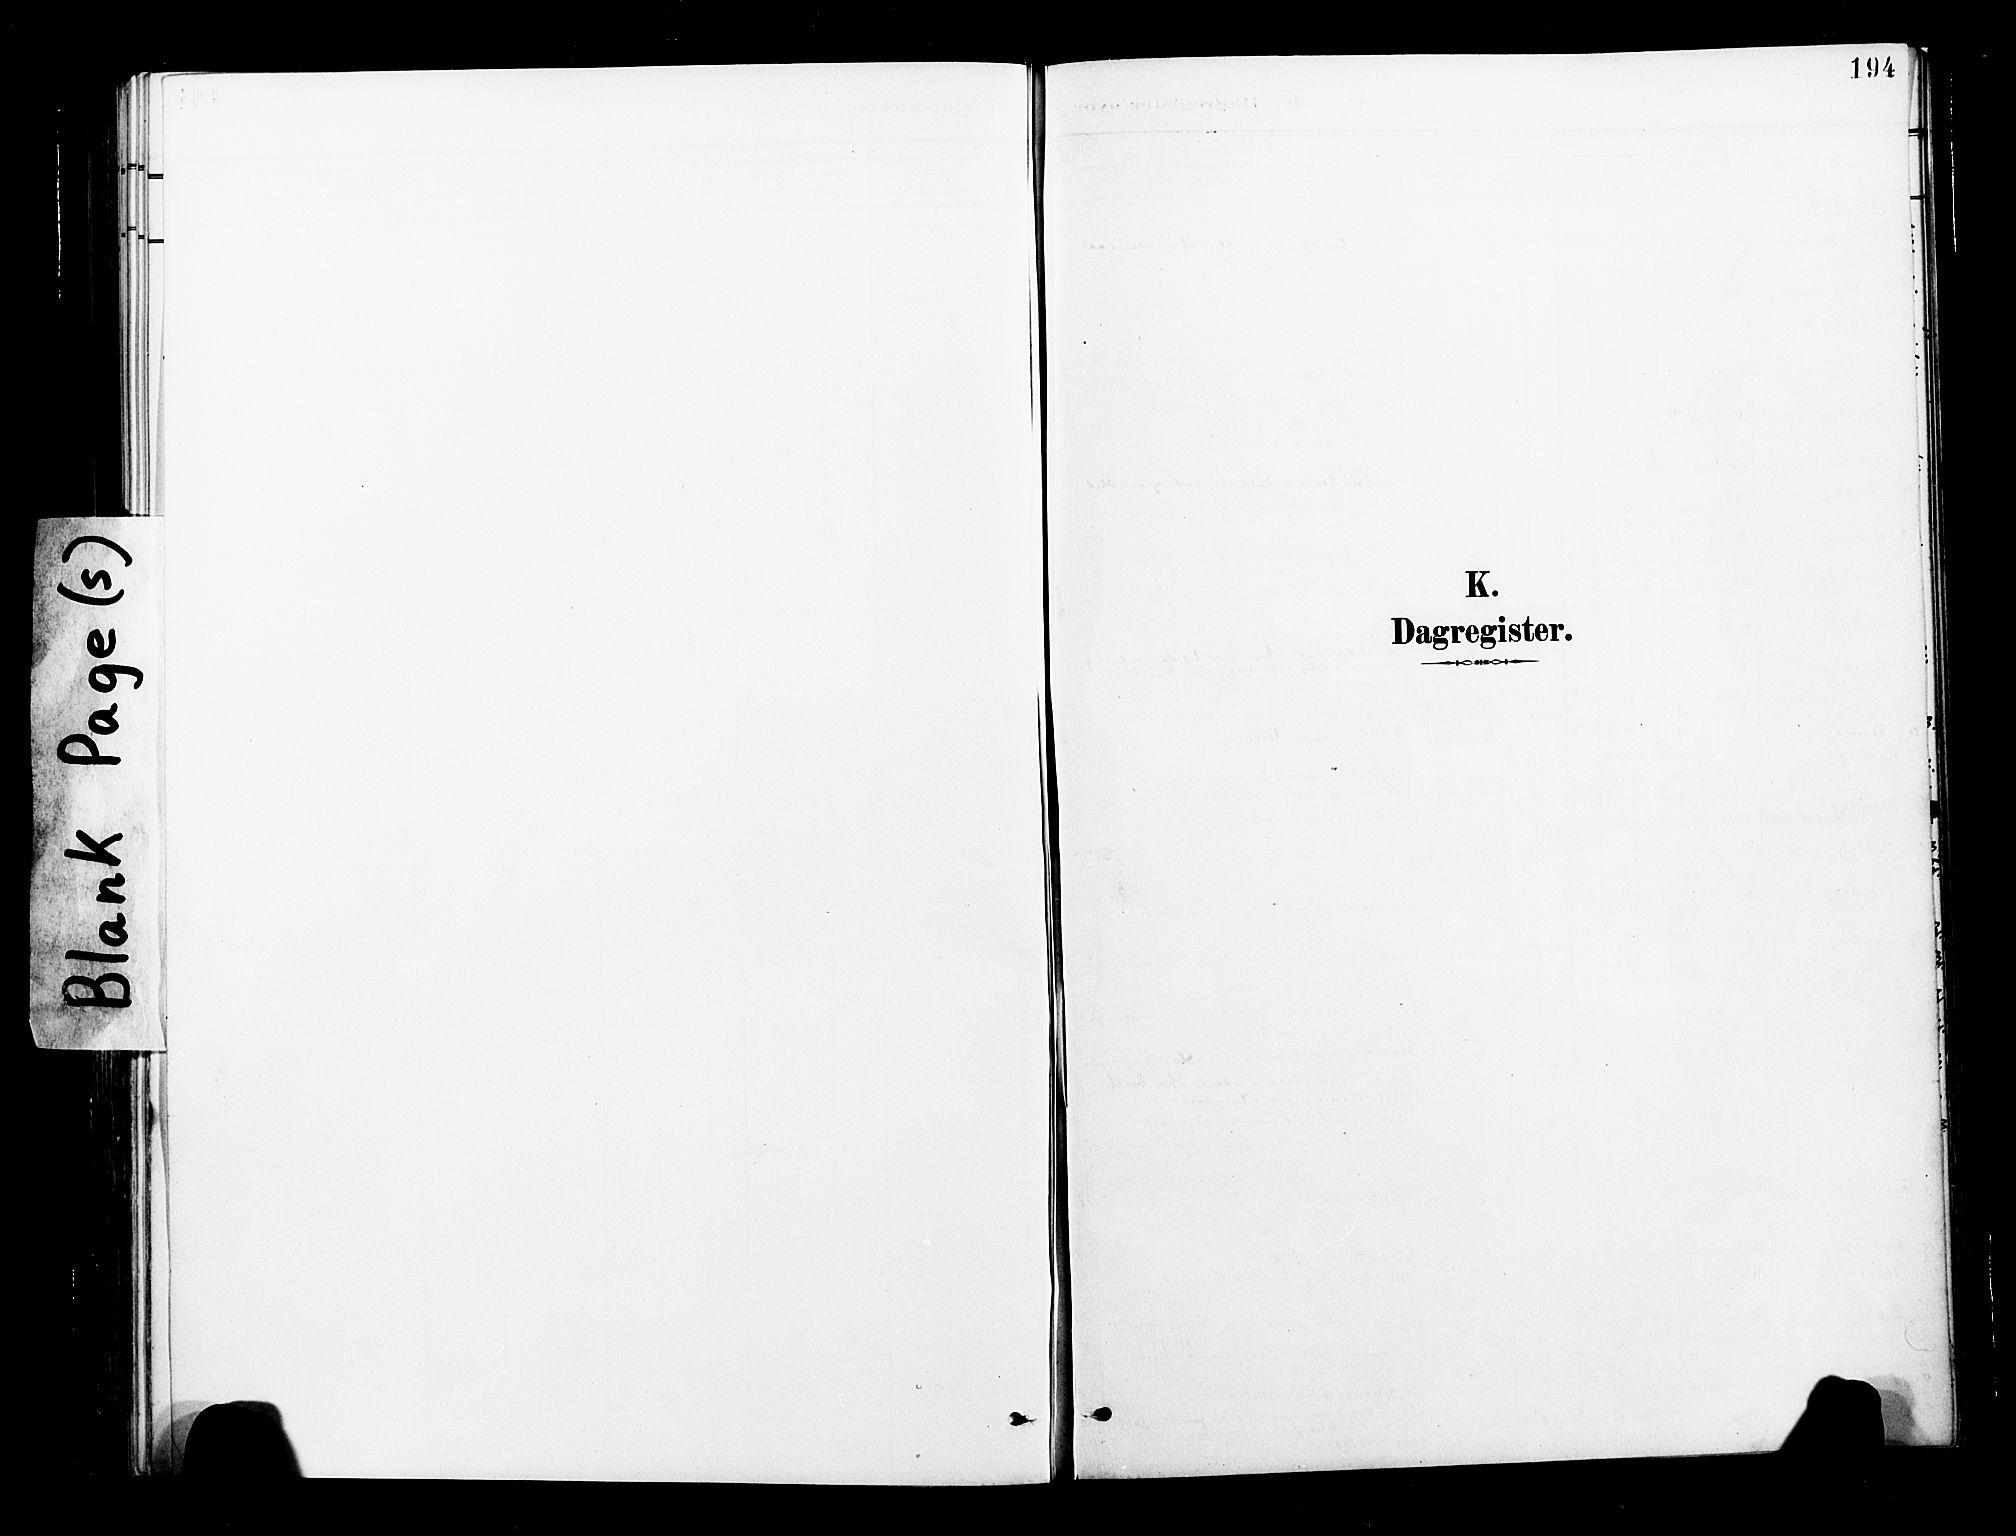 SAT, Ministerialprotokoller, klokkerbøker og fødselsregistre - Nord-Trøndelag, 713/L0121: Ministerialbok nr. 713A10, 1888-1898, s. 194